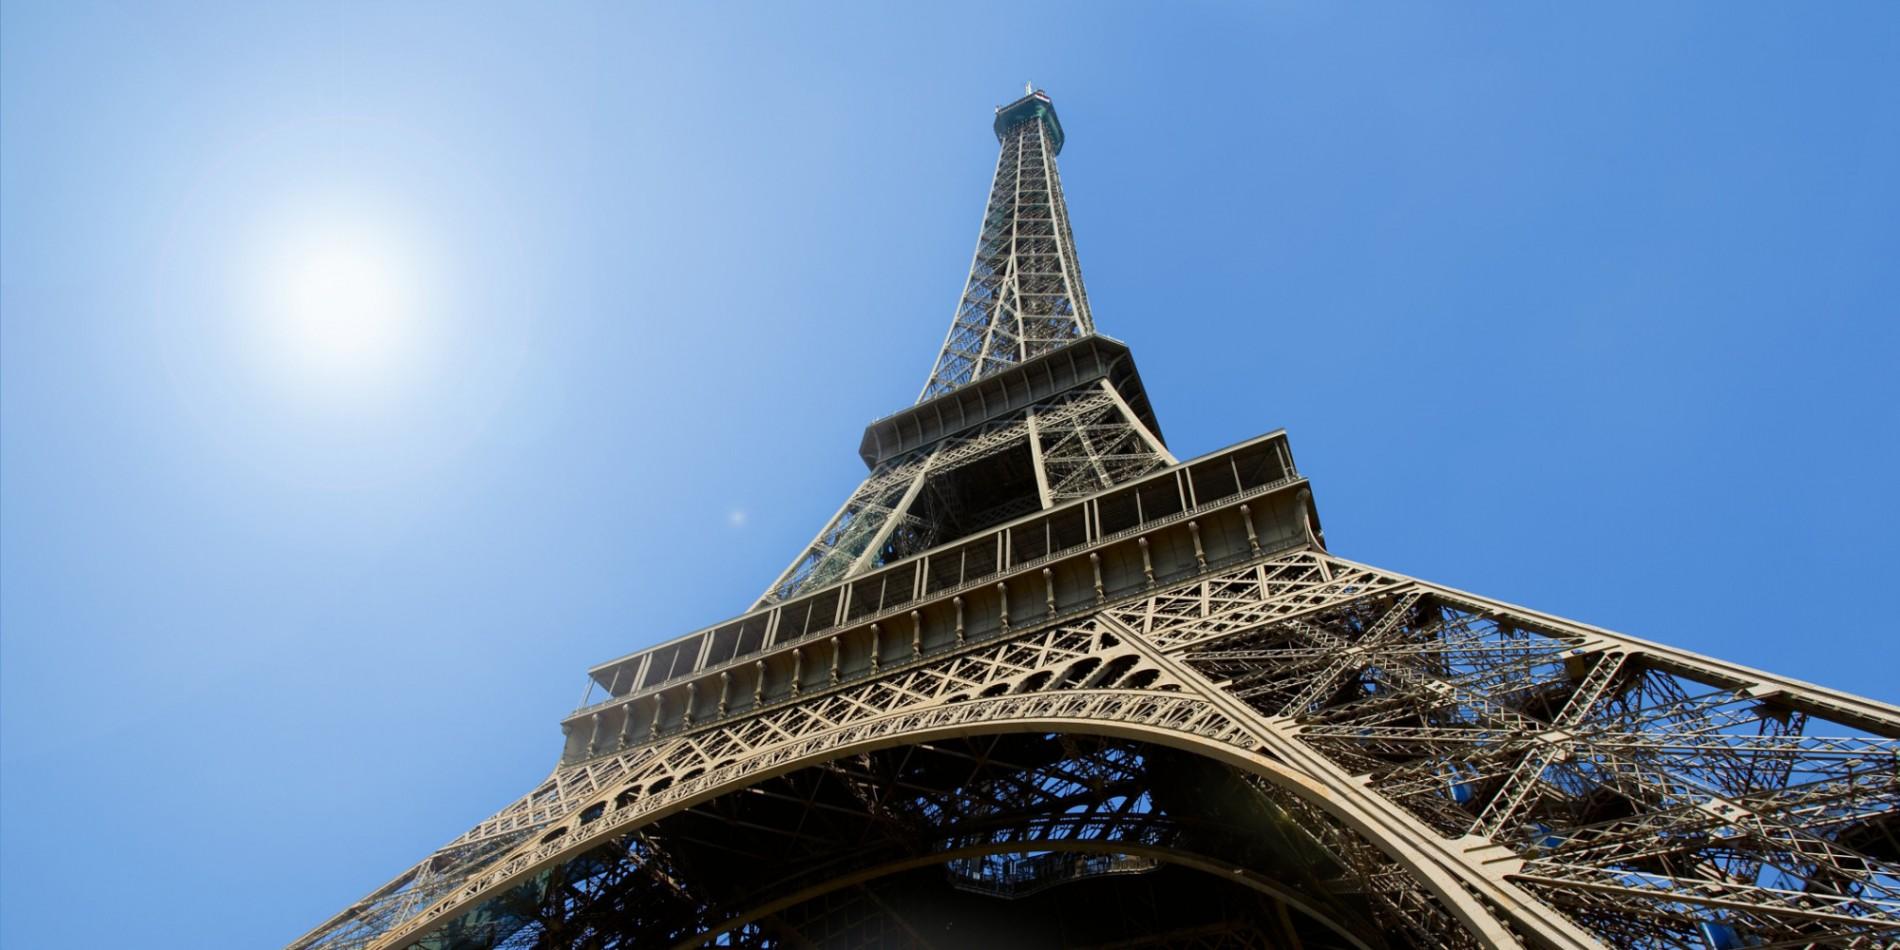 Le migliori Offerte per il tuo viaggio a Parigi